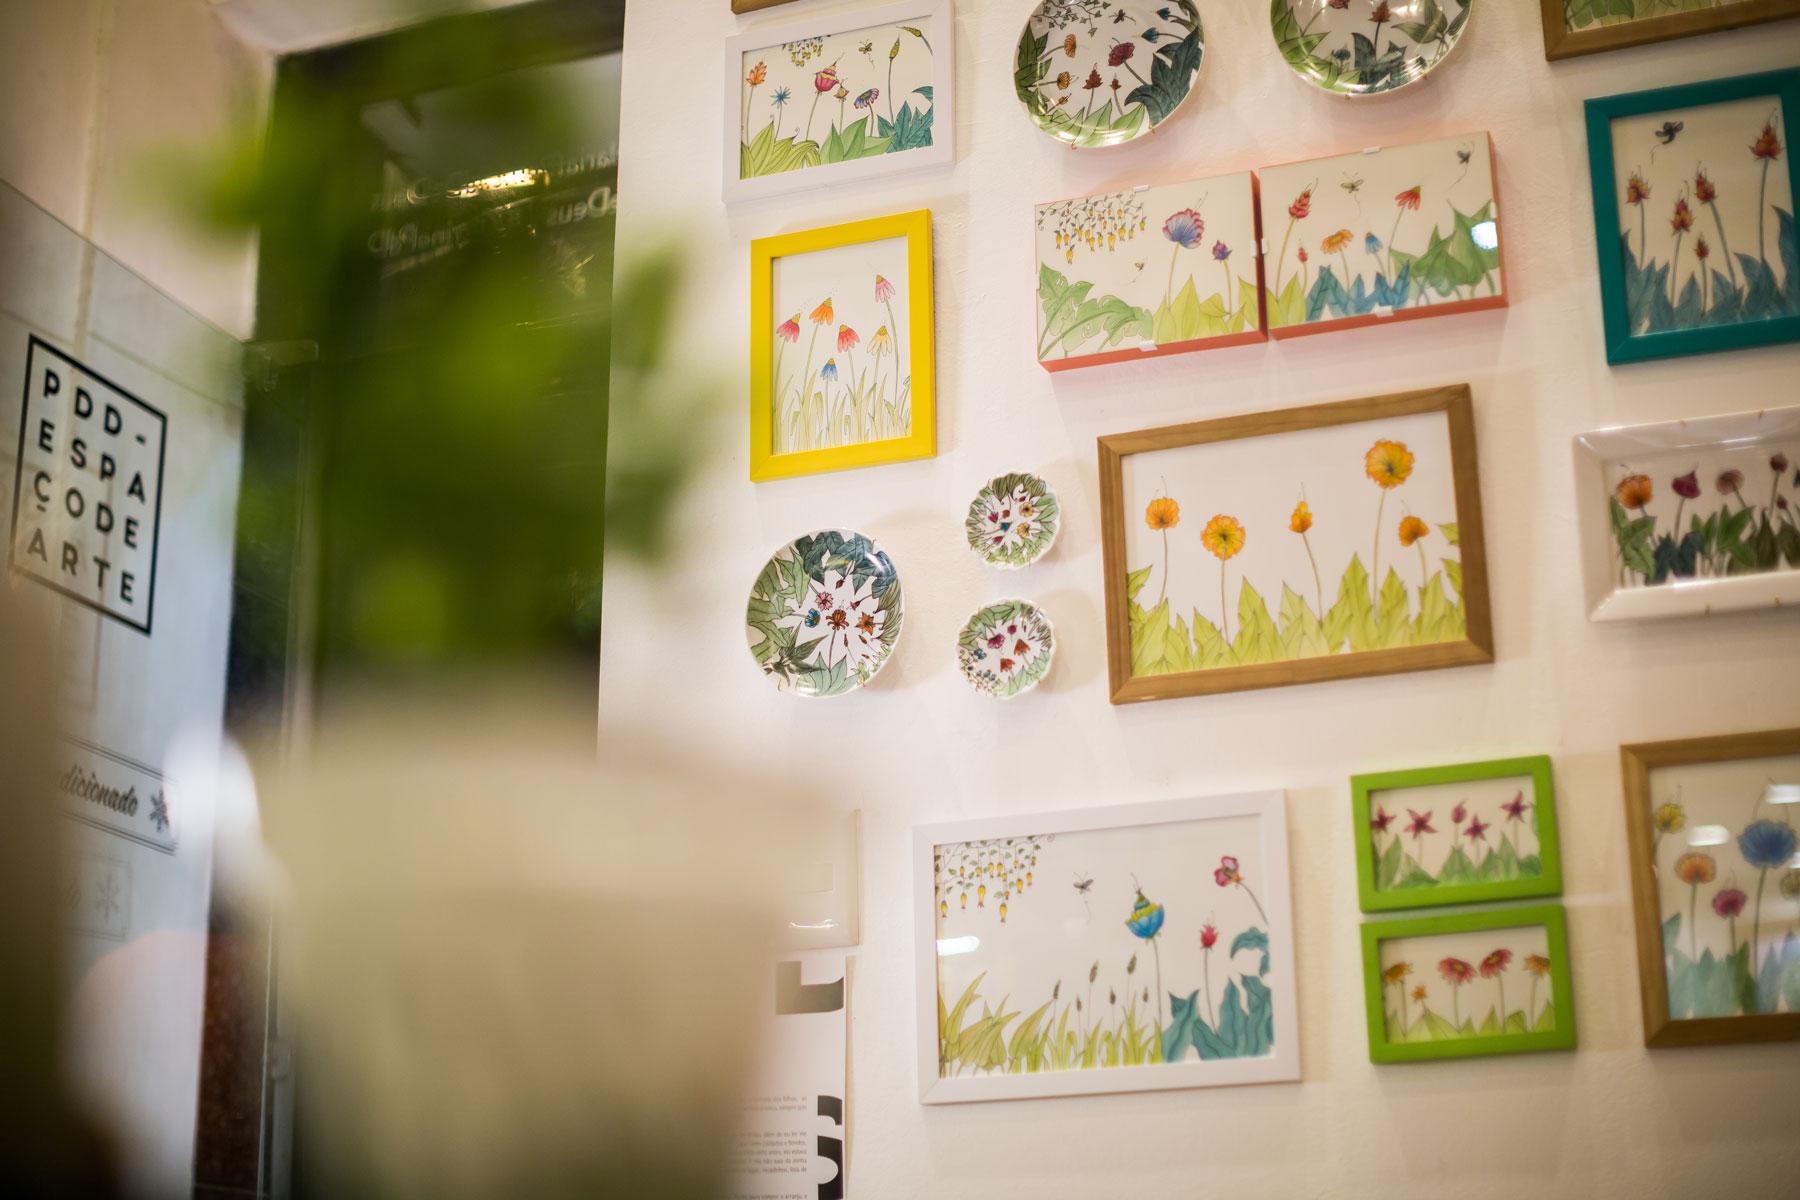 Flores Imaginárias, de Beth Tropia, no PdD Espaço de Arte!